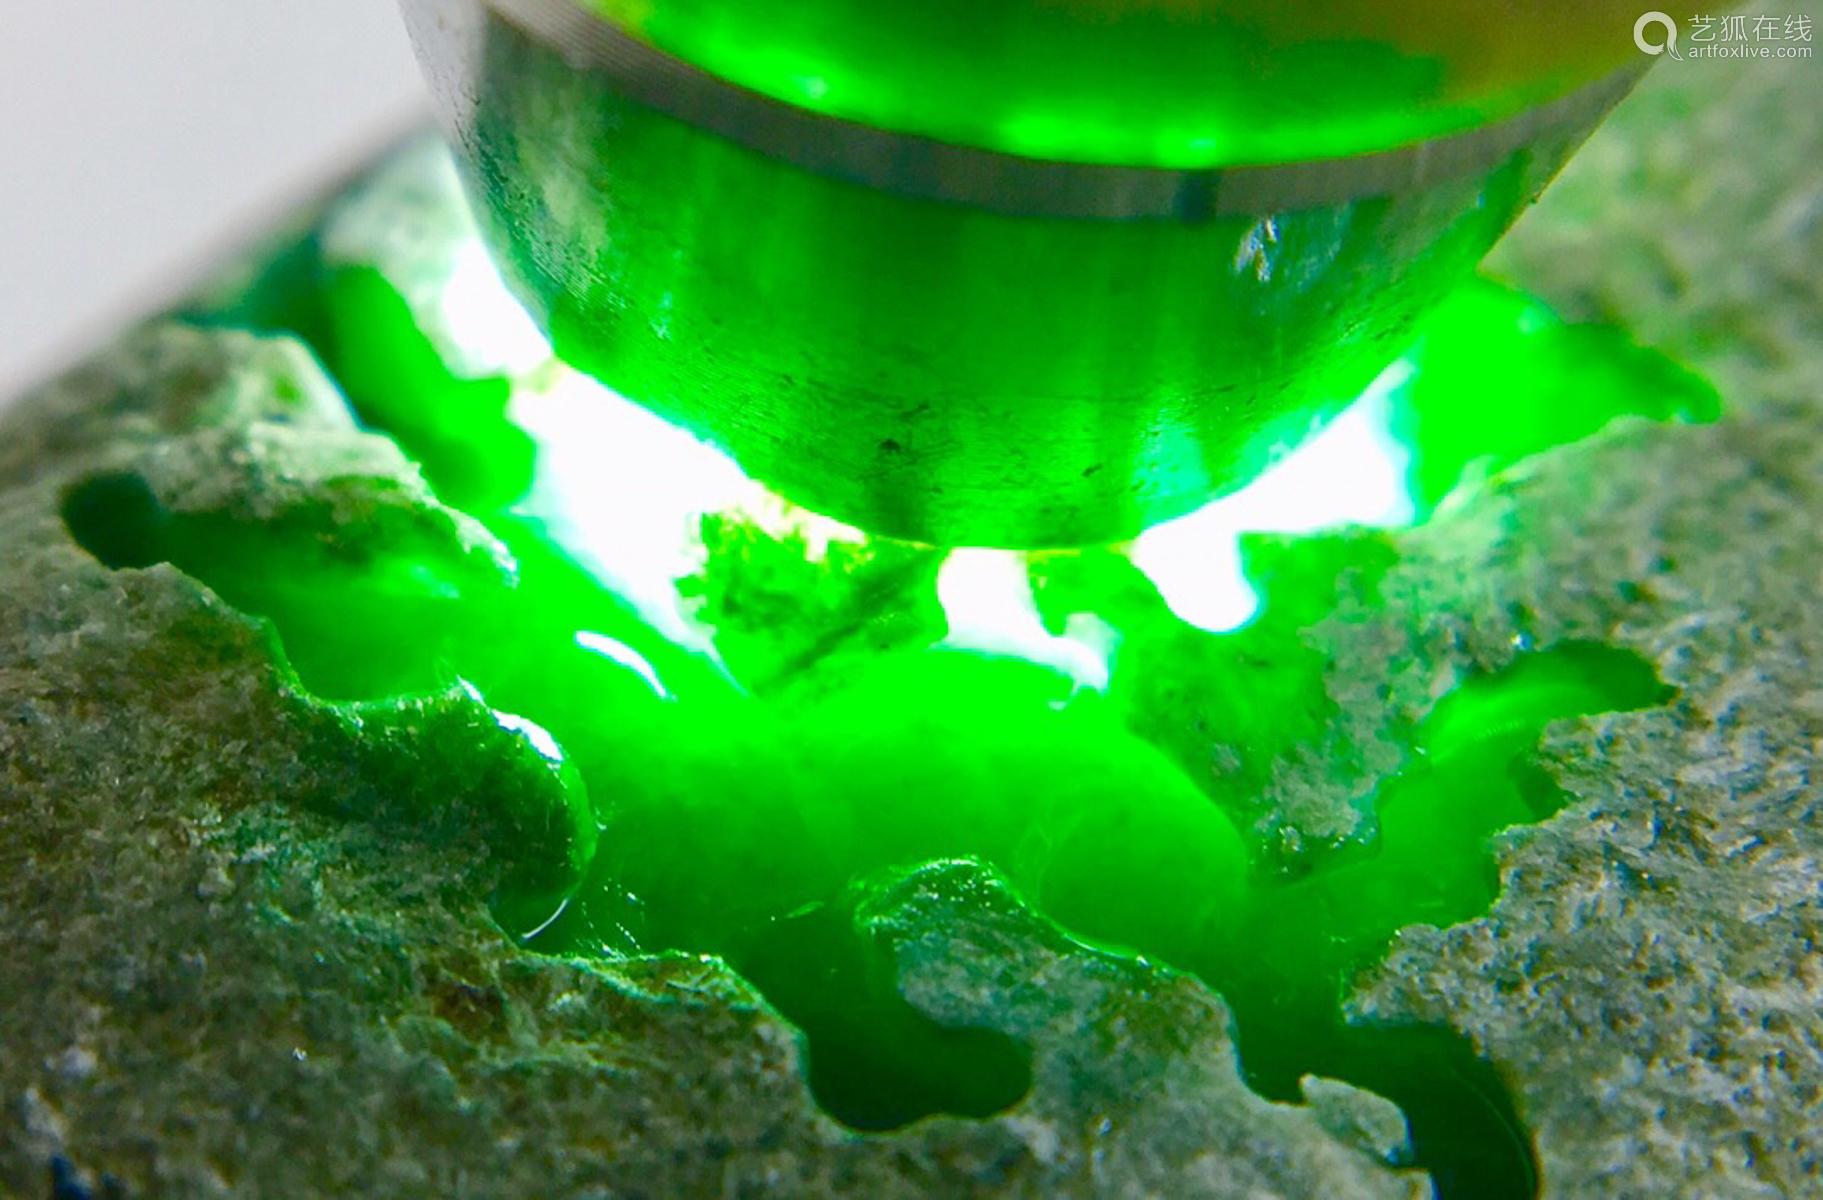 A BURMESE GREEN JADEITE STONE, A CLASS